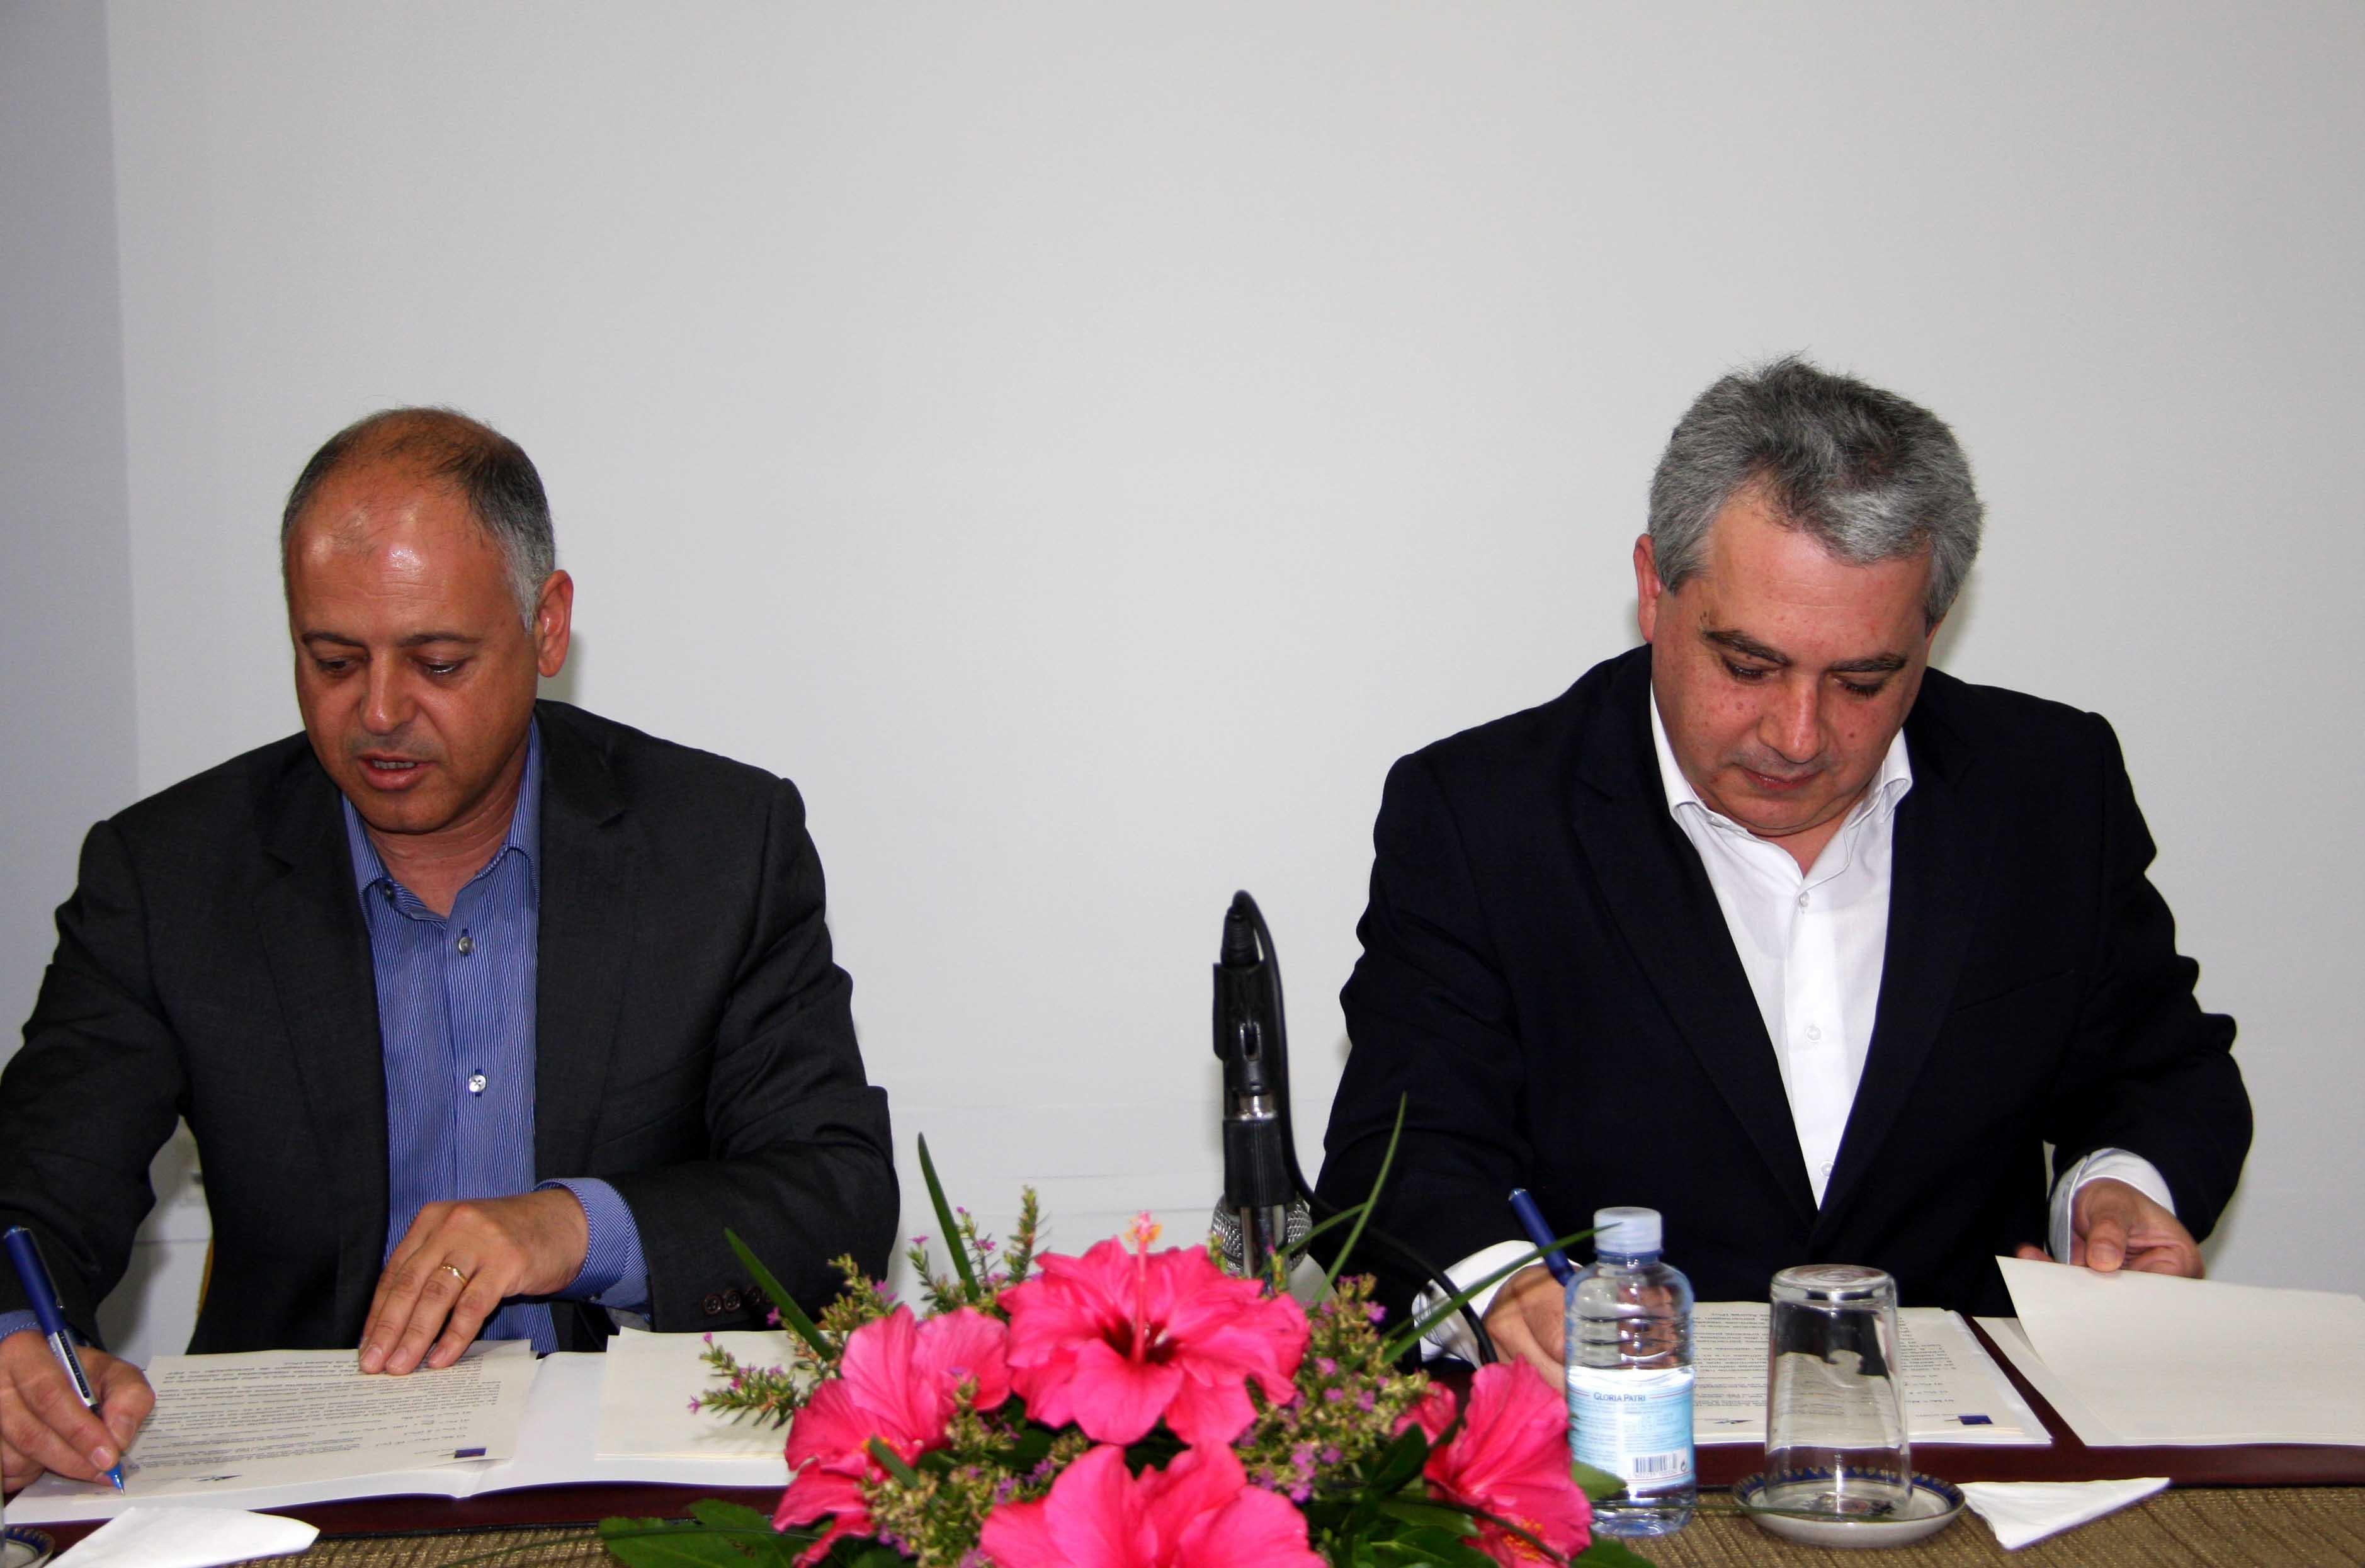 Governo dos Açores disponibiliza 20 ME às câmaras municipais para reabilitação urbana